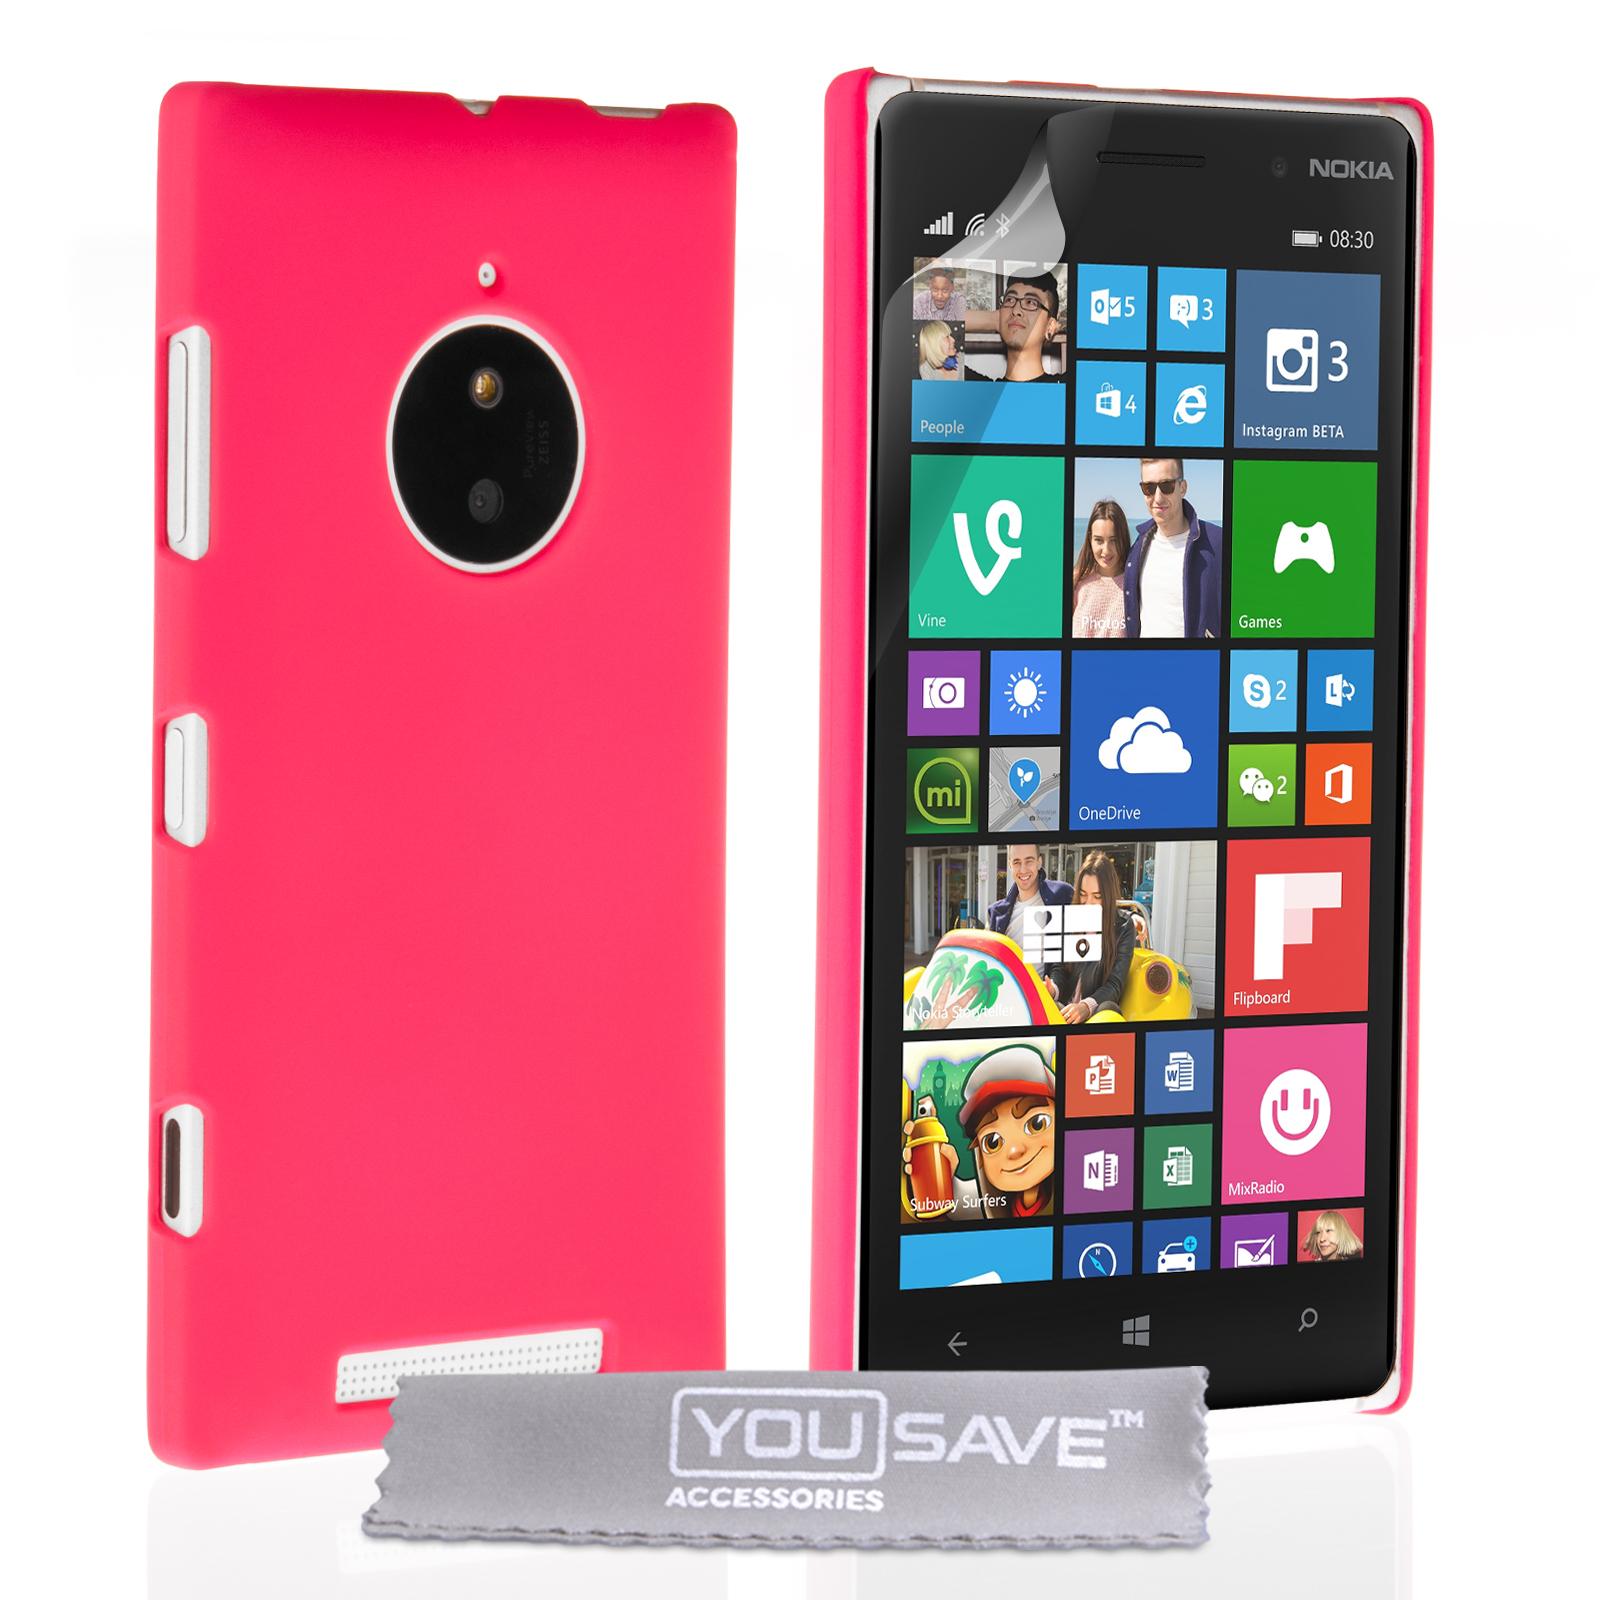 Θήκη Nokia Lumia 830 by YouSave (Z814)